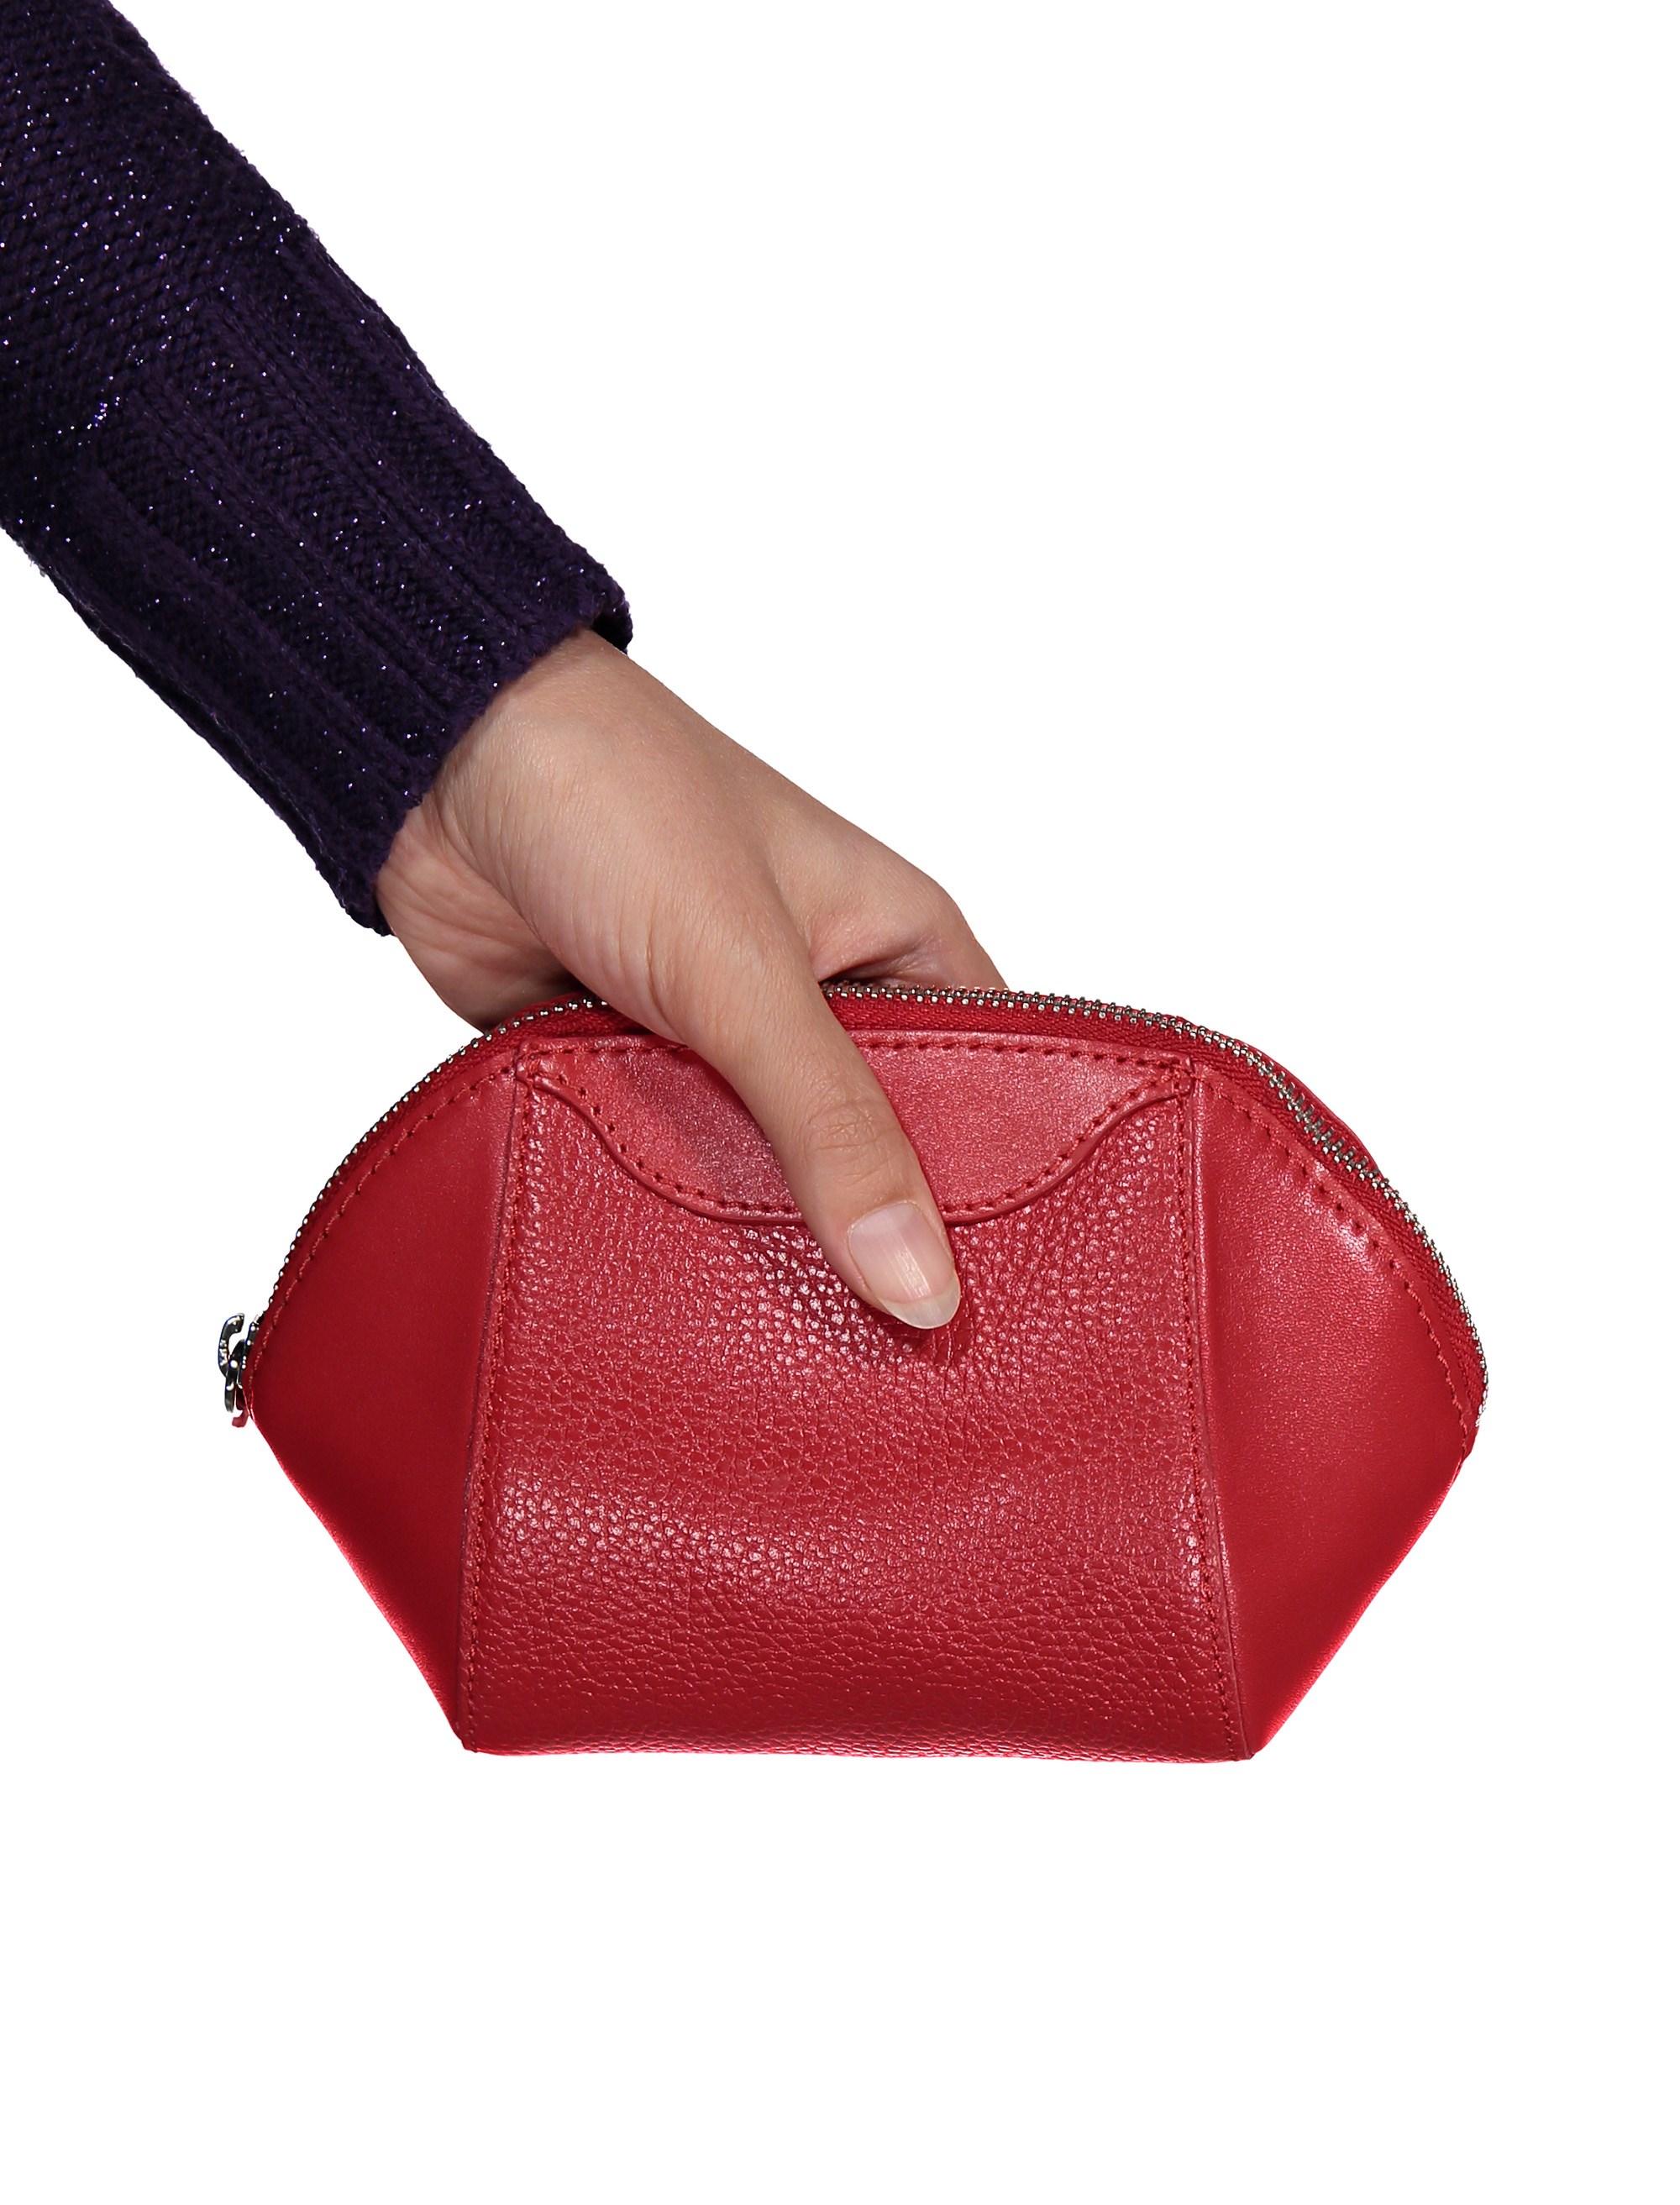 کیف لوازم آرایش چرم زنانه - چرم مشهد - قرمز - 5